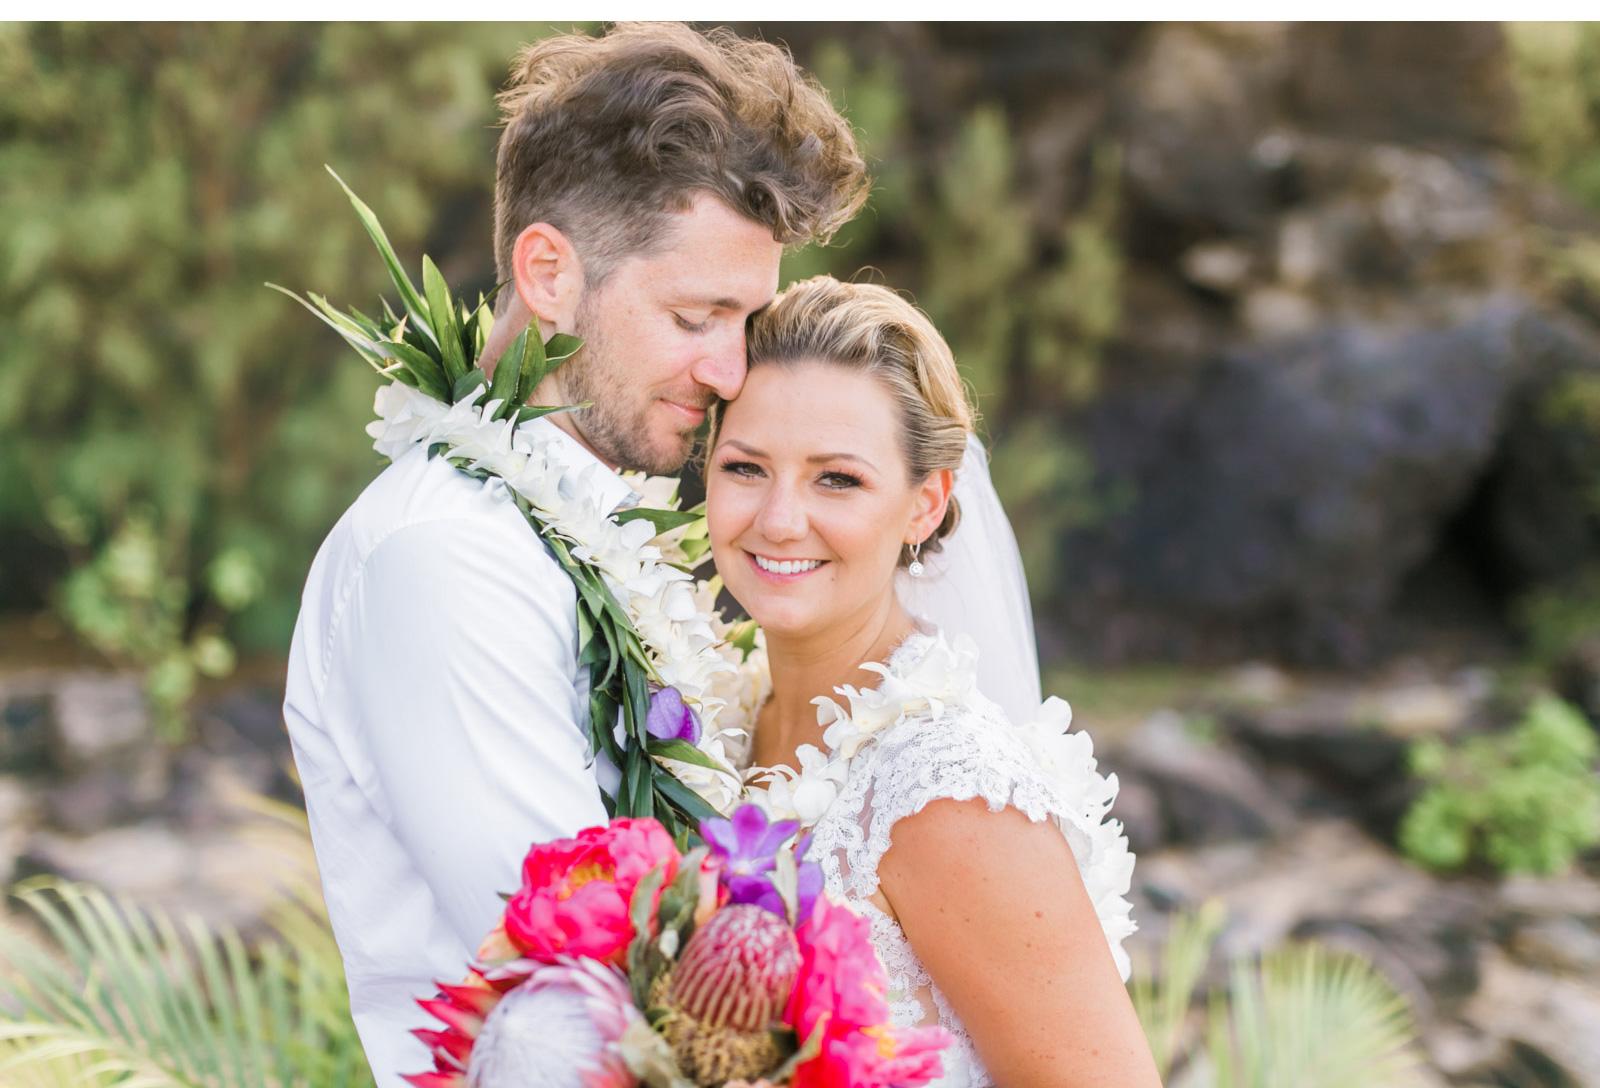 Natalie-Schutt-Photography--Destination-Wedding-Photographer_04.jpg